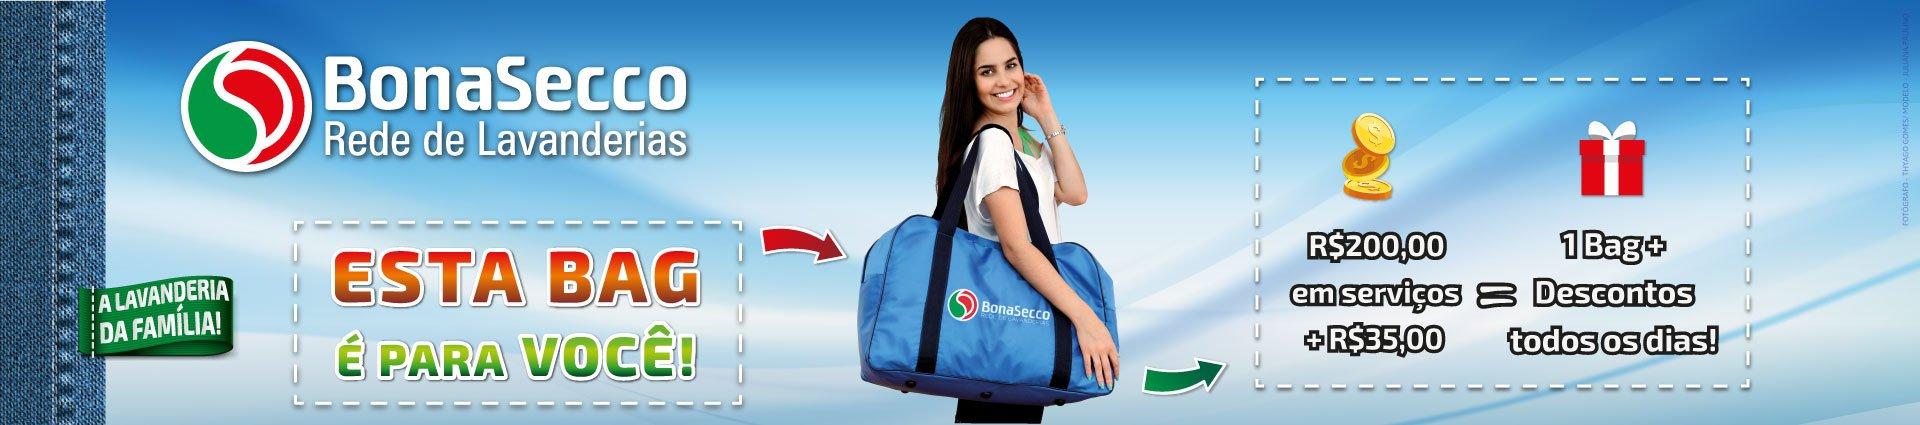 bag-bonasecco-banner